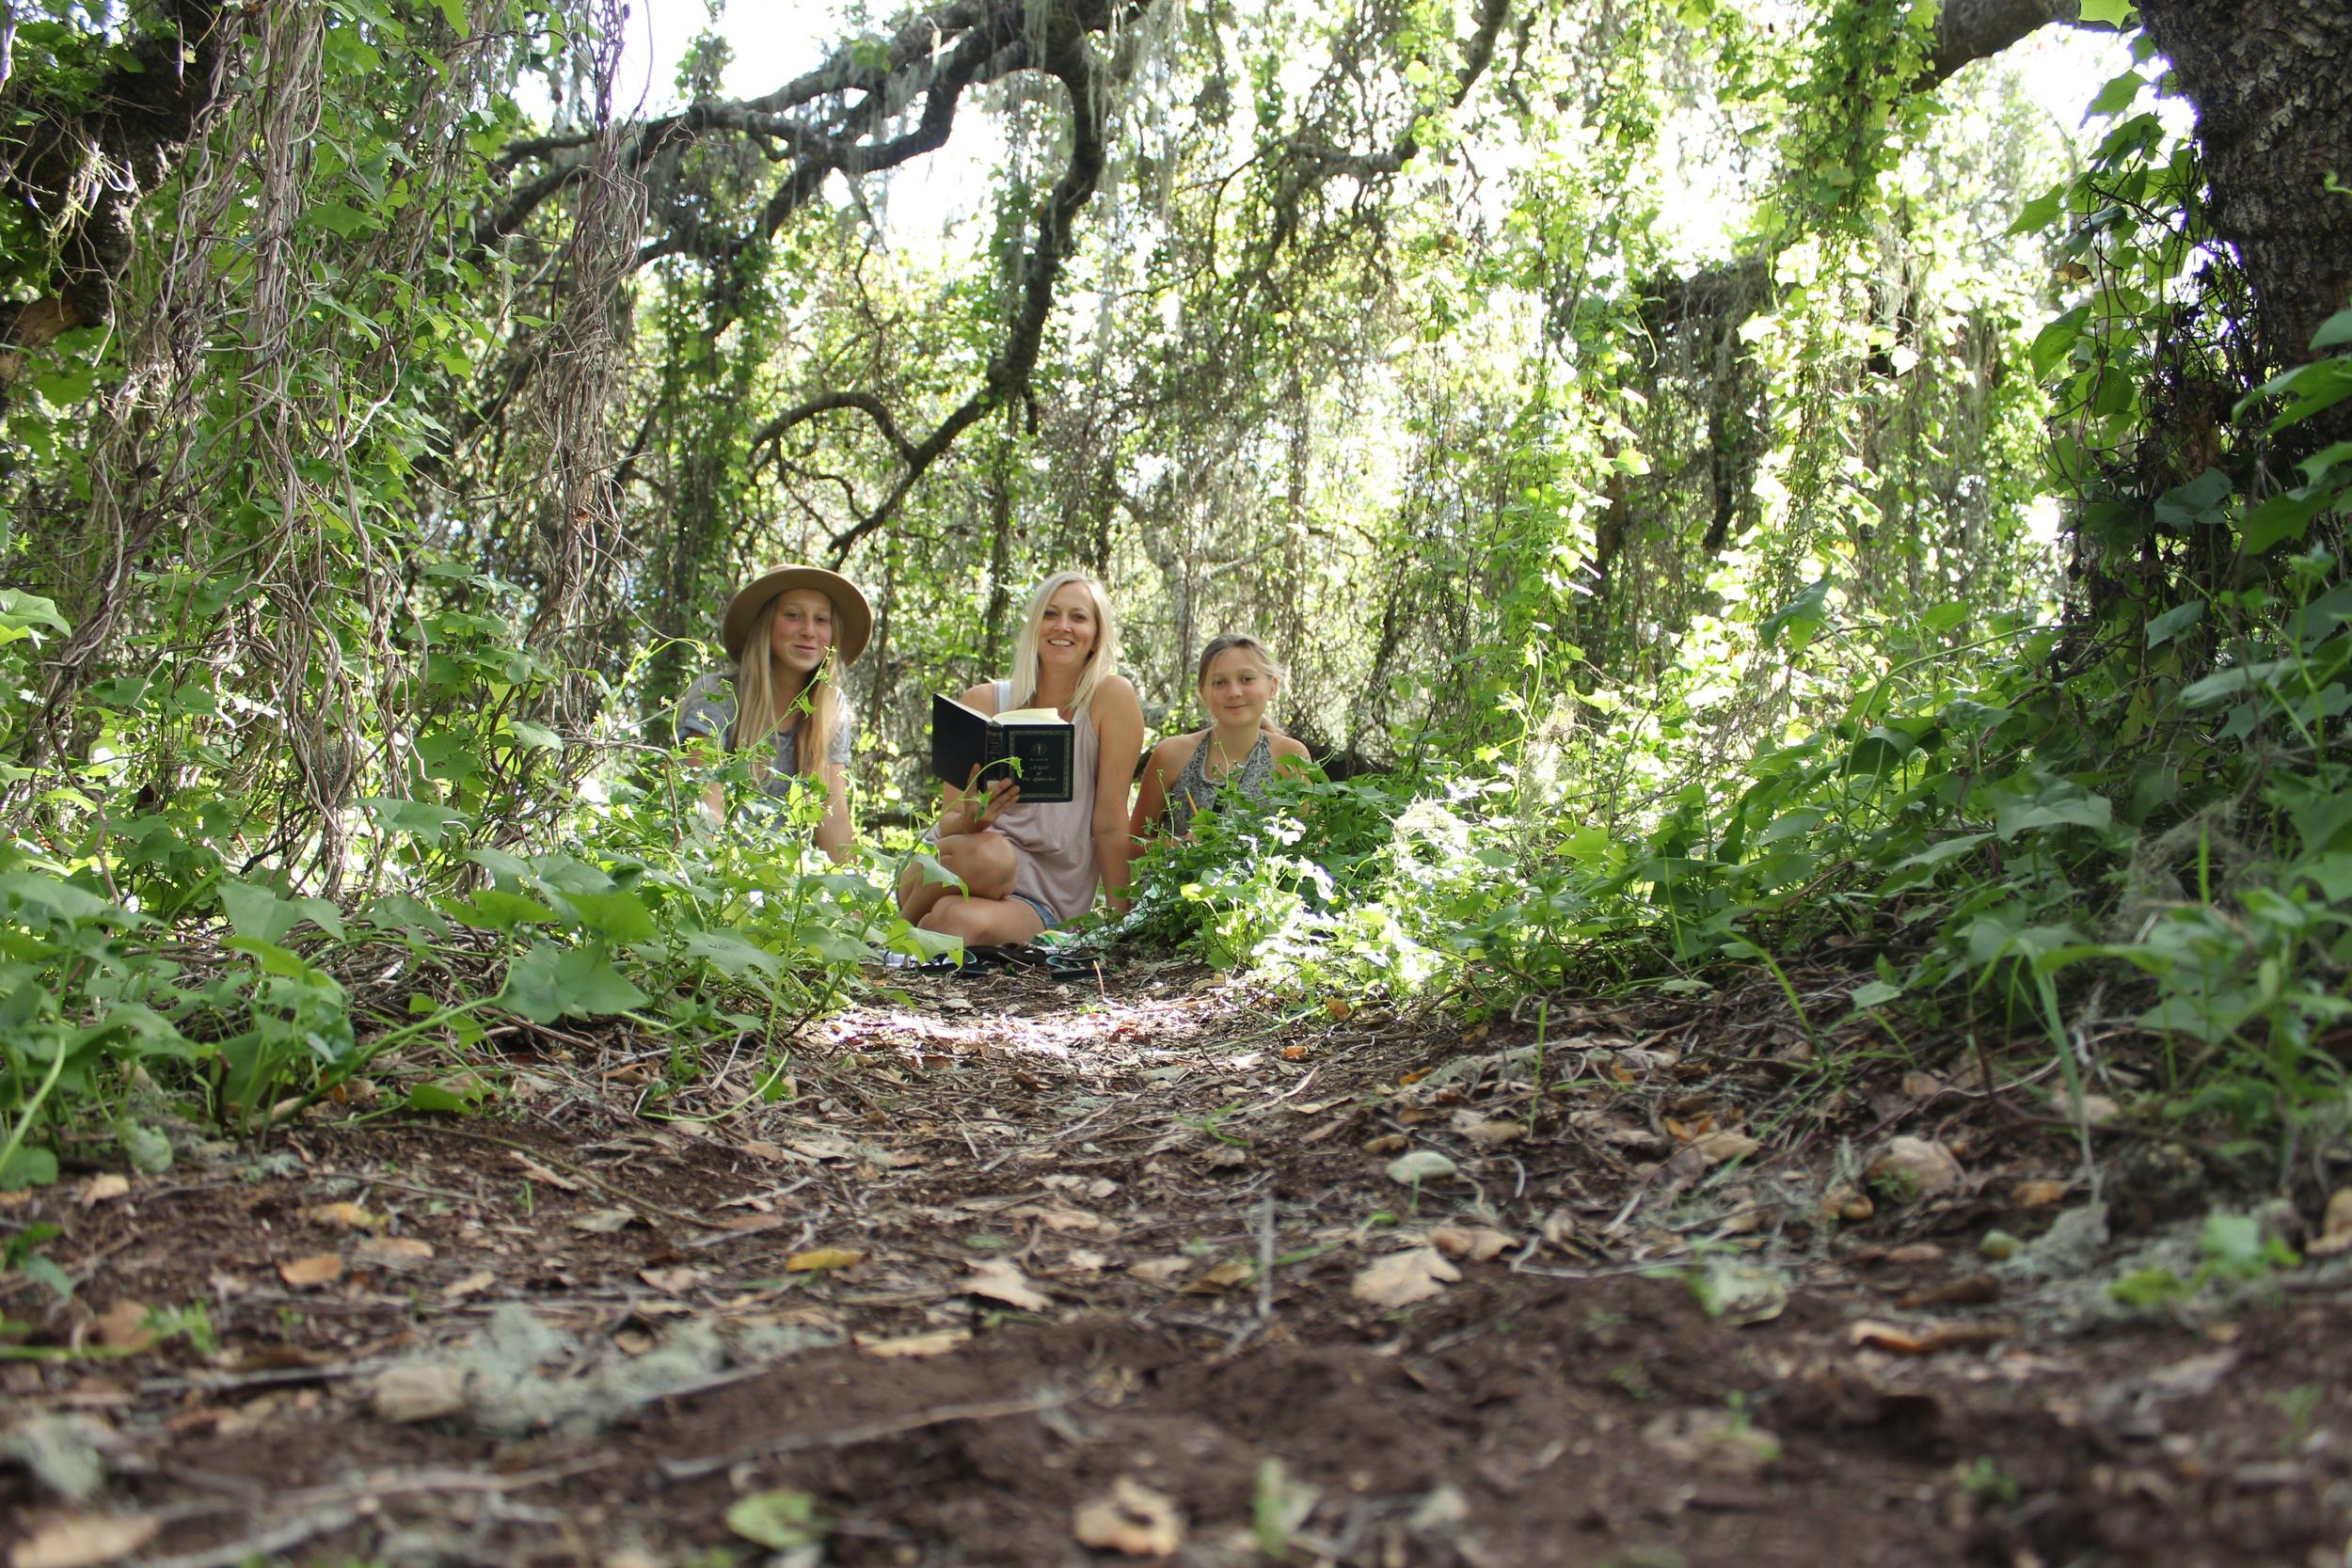 homeschooling in nature